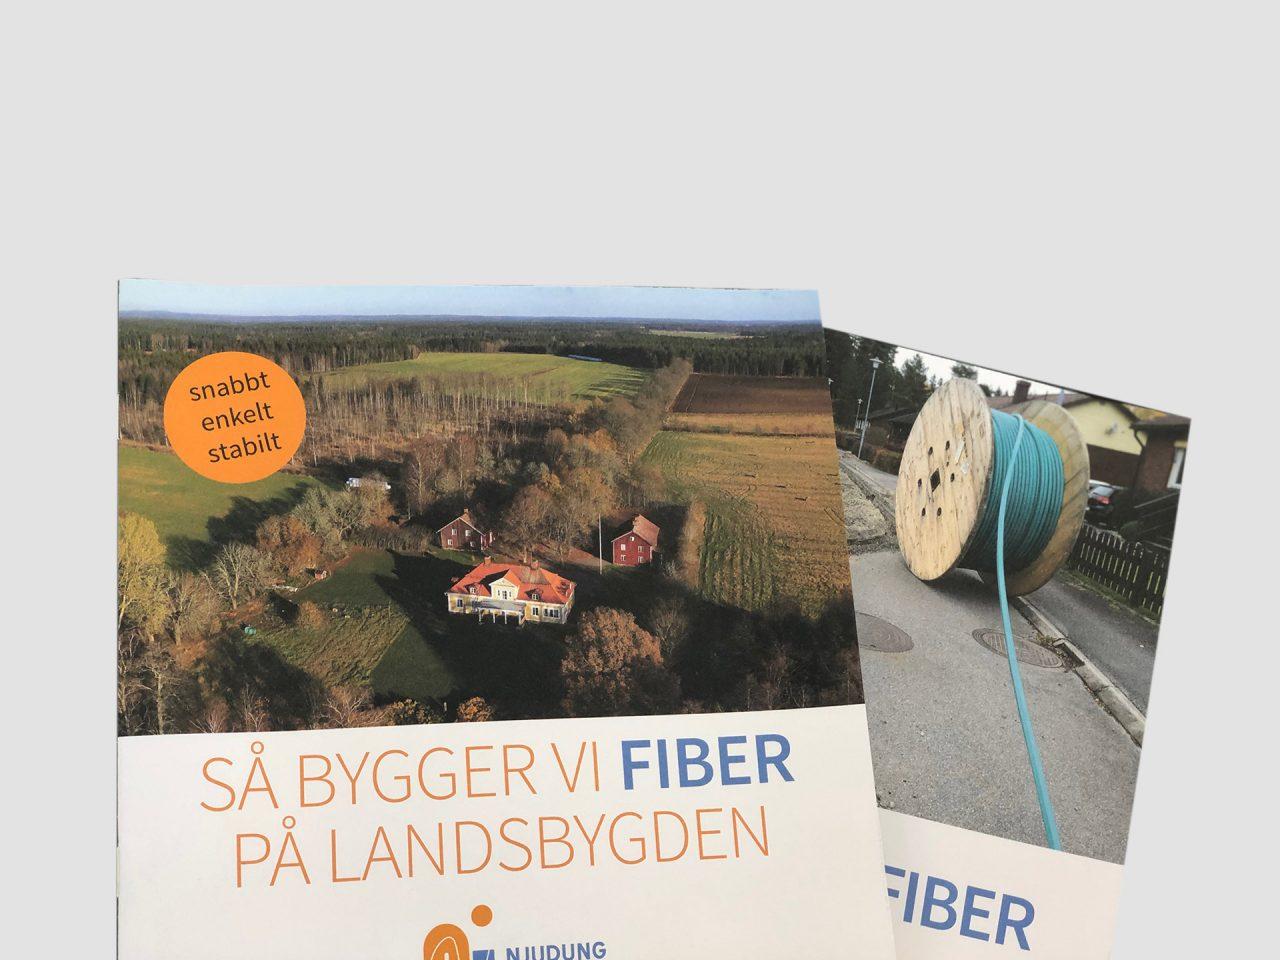 Njudung fiber på landsbygden